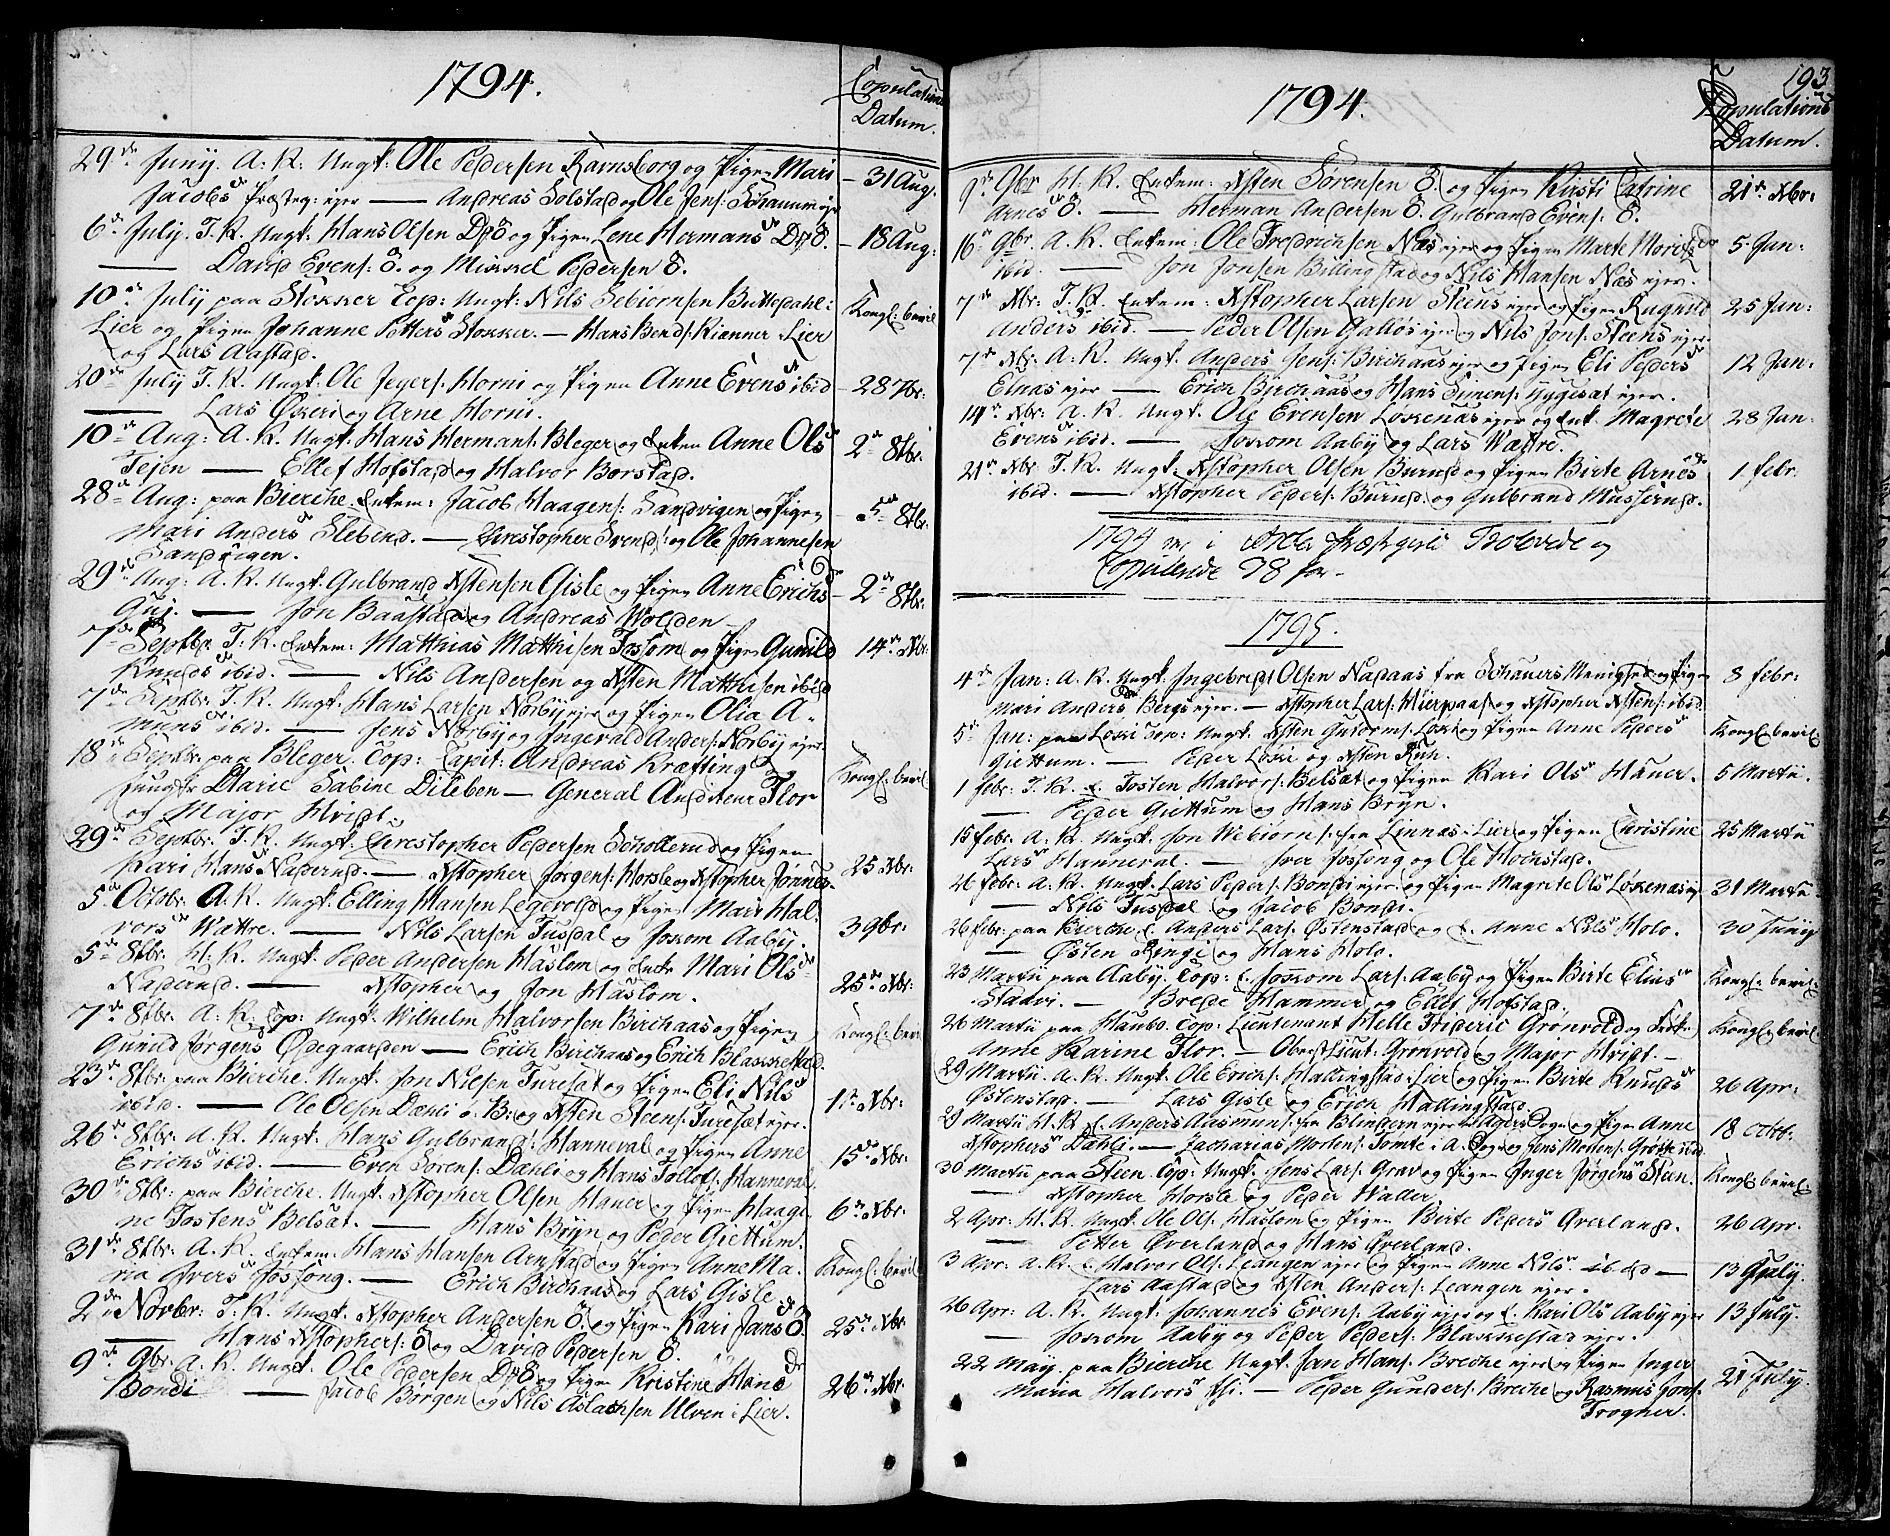 SAO, Asker prestekontor Kirkebøker, F/Fa/L0003: Ministerialbok nr. I 3, 1767-1807, s. 193